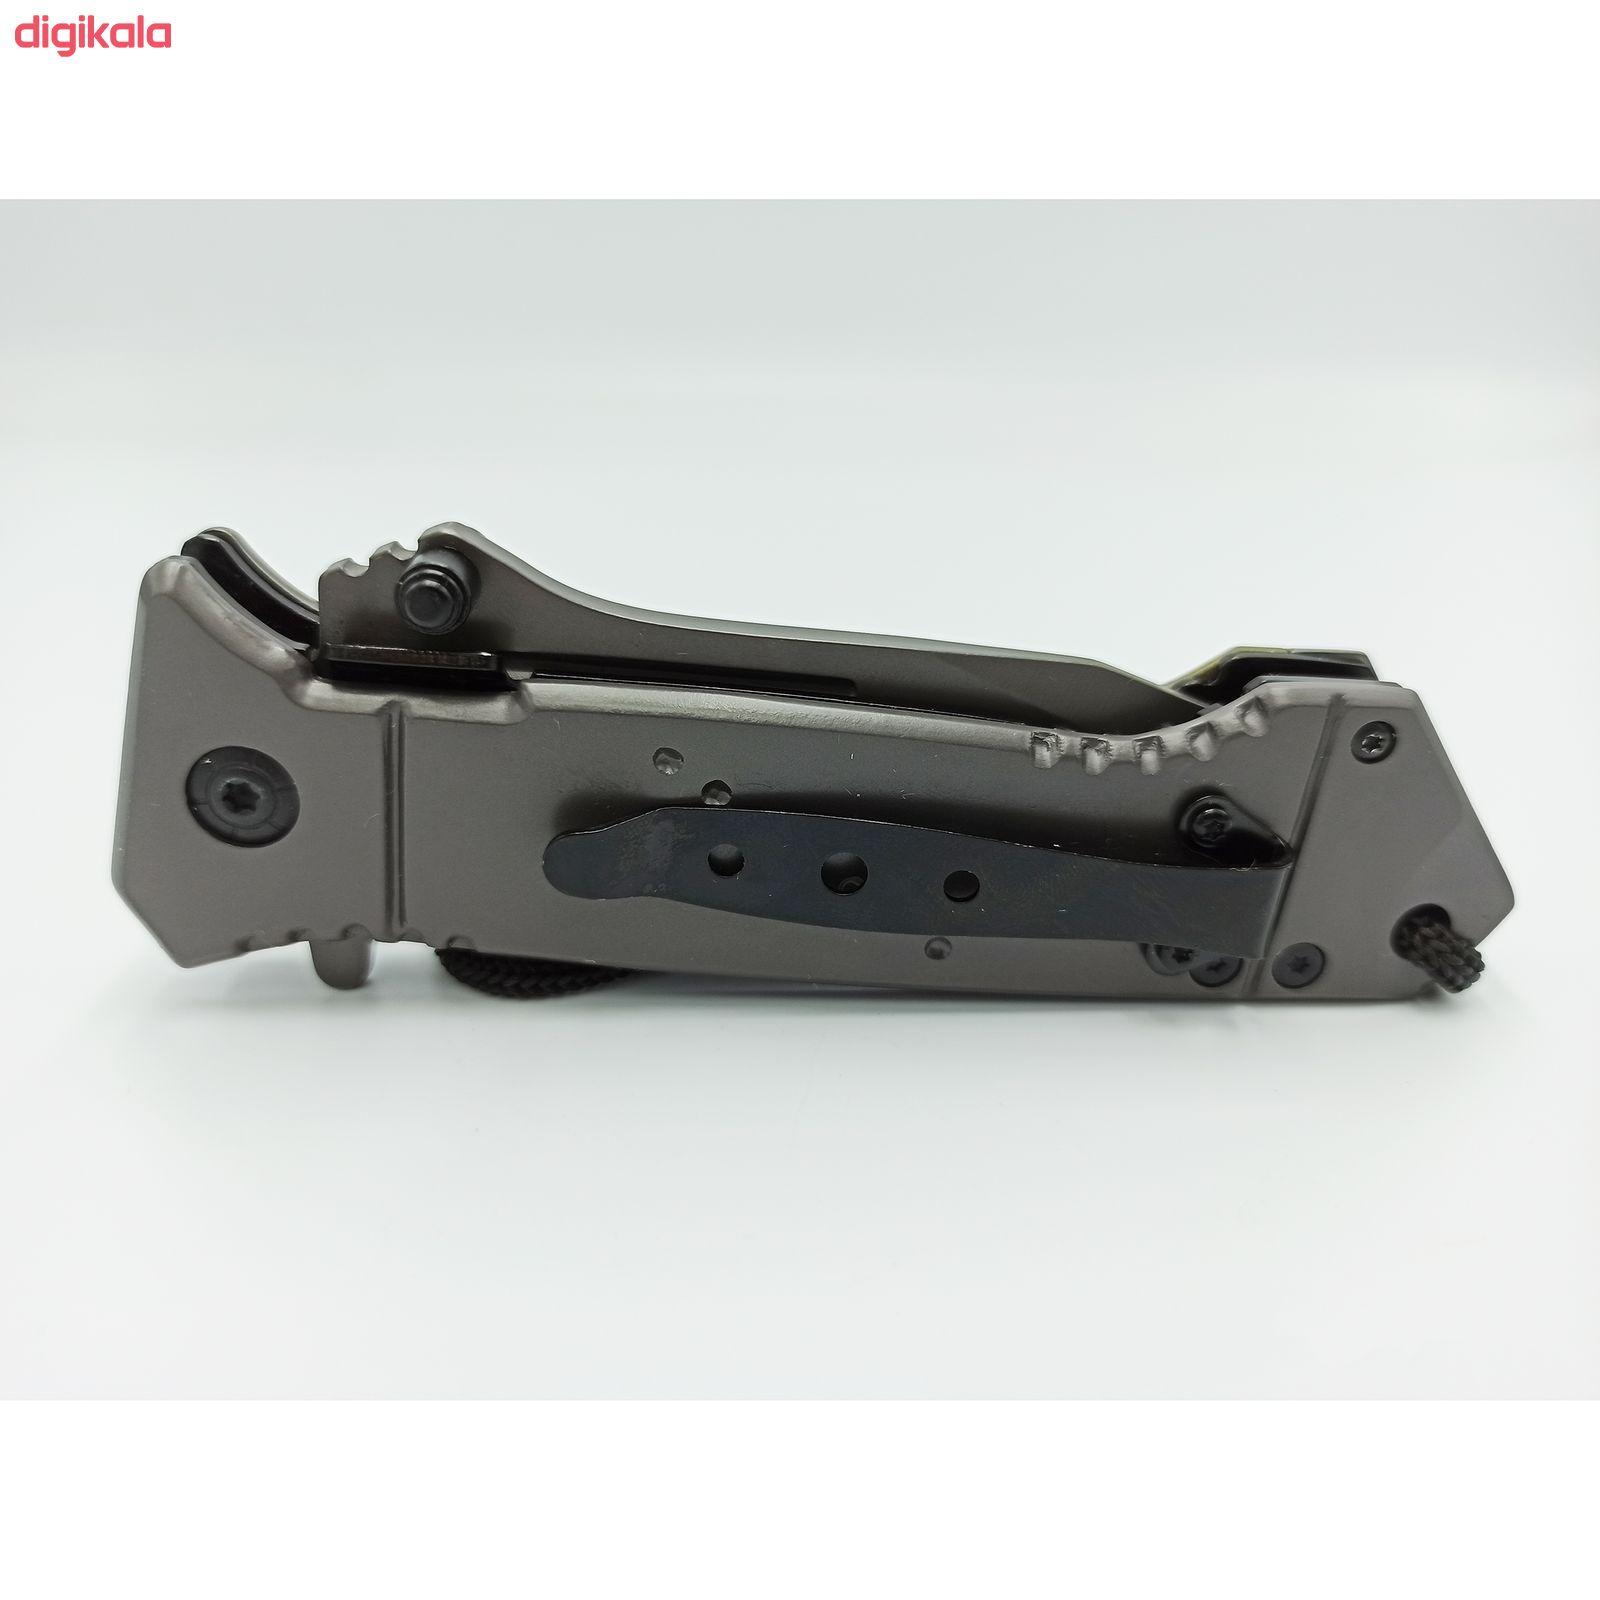 چاقو سفری برونینگ مدل DA73-1 main 1 4